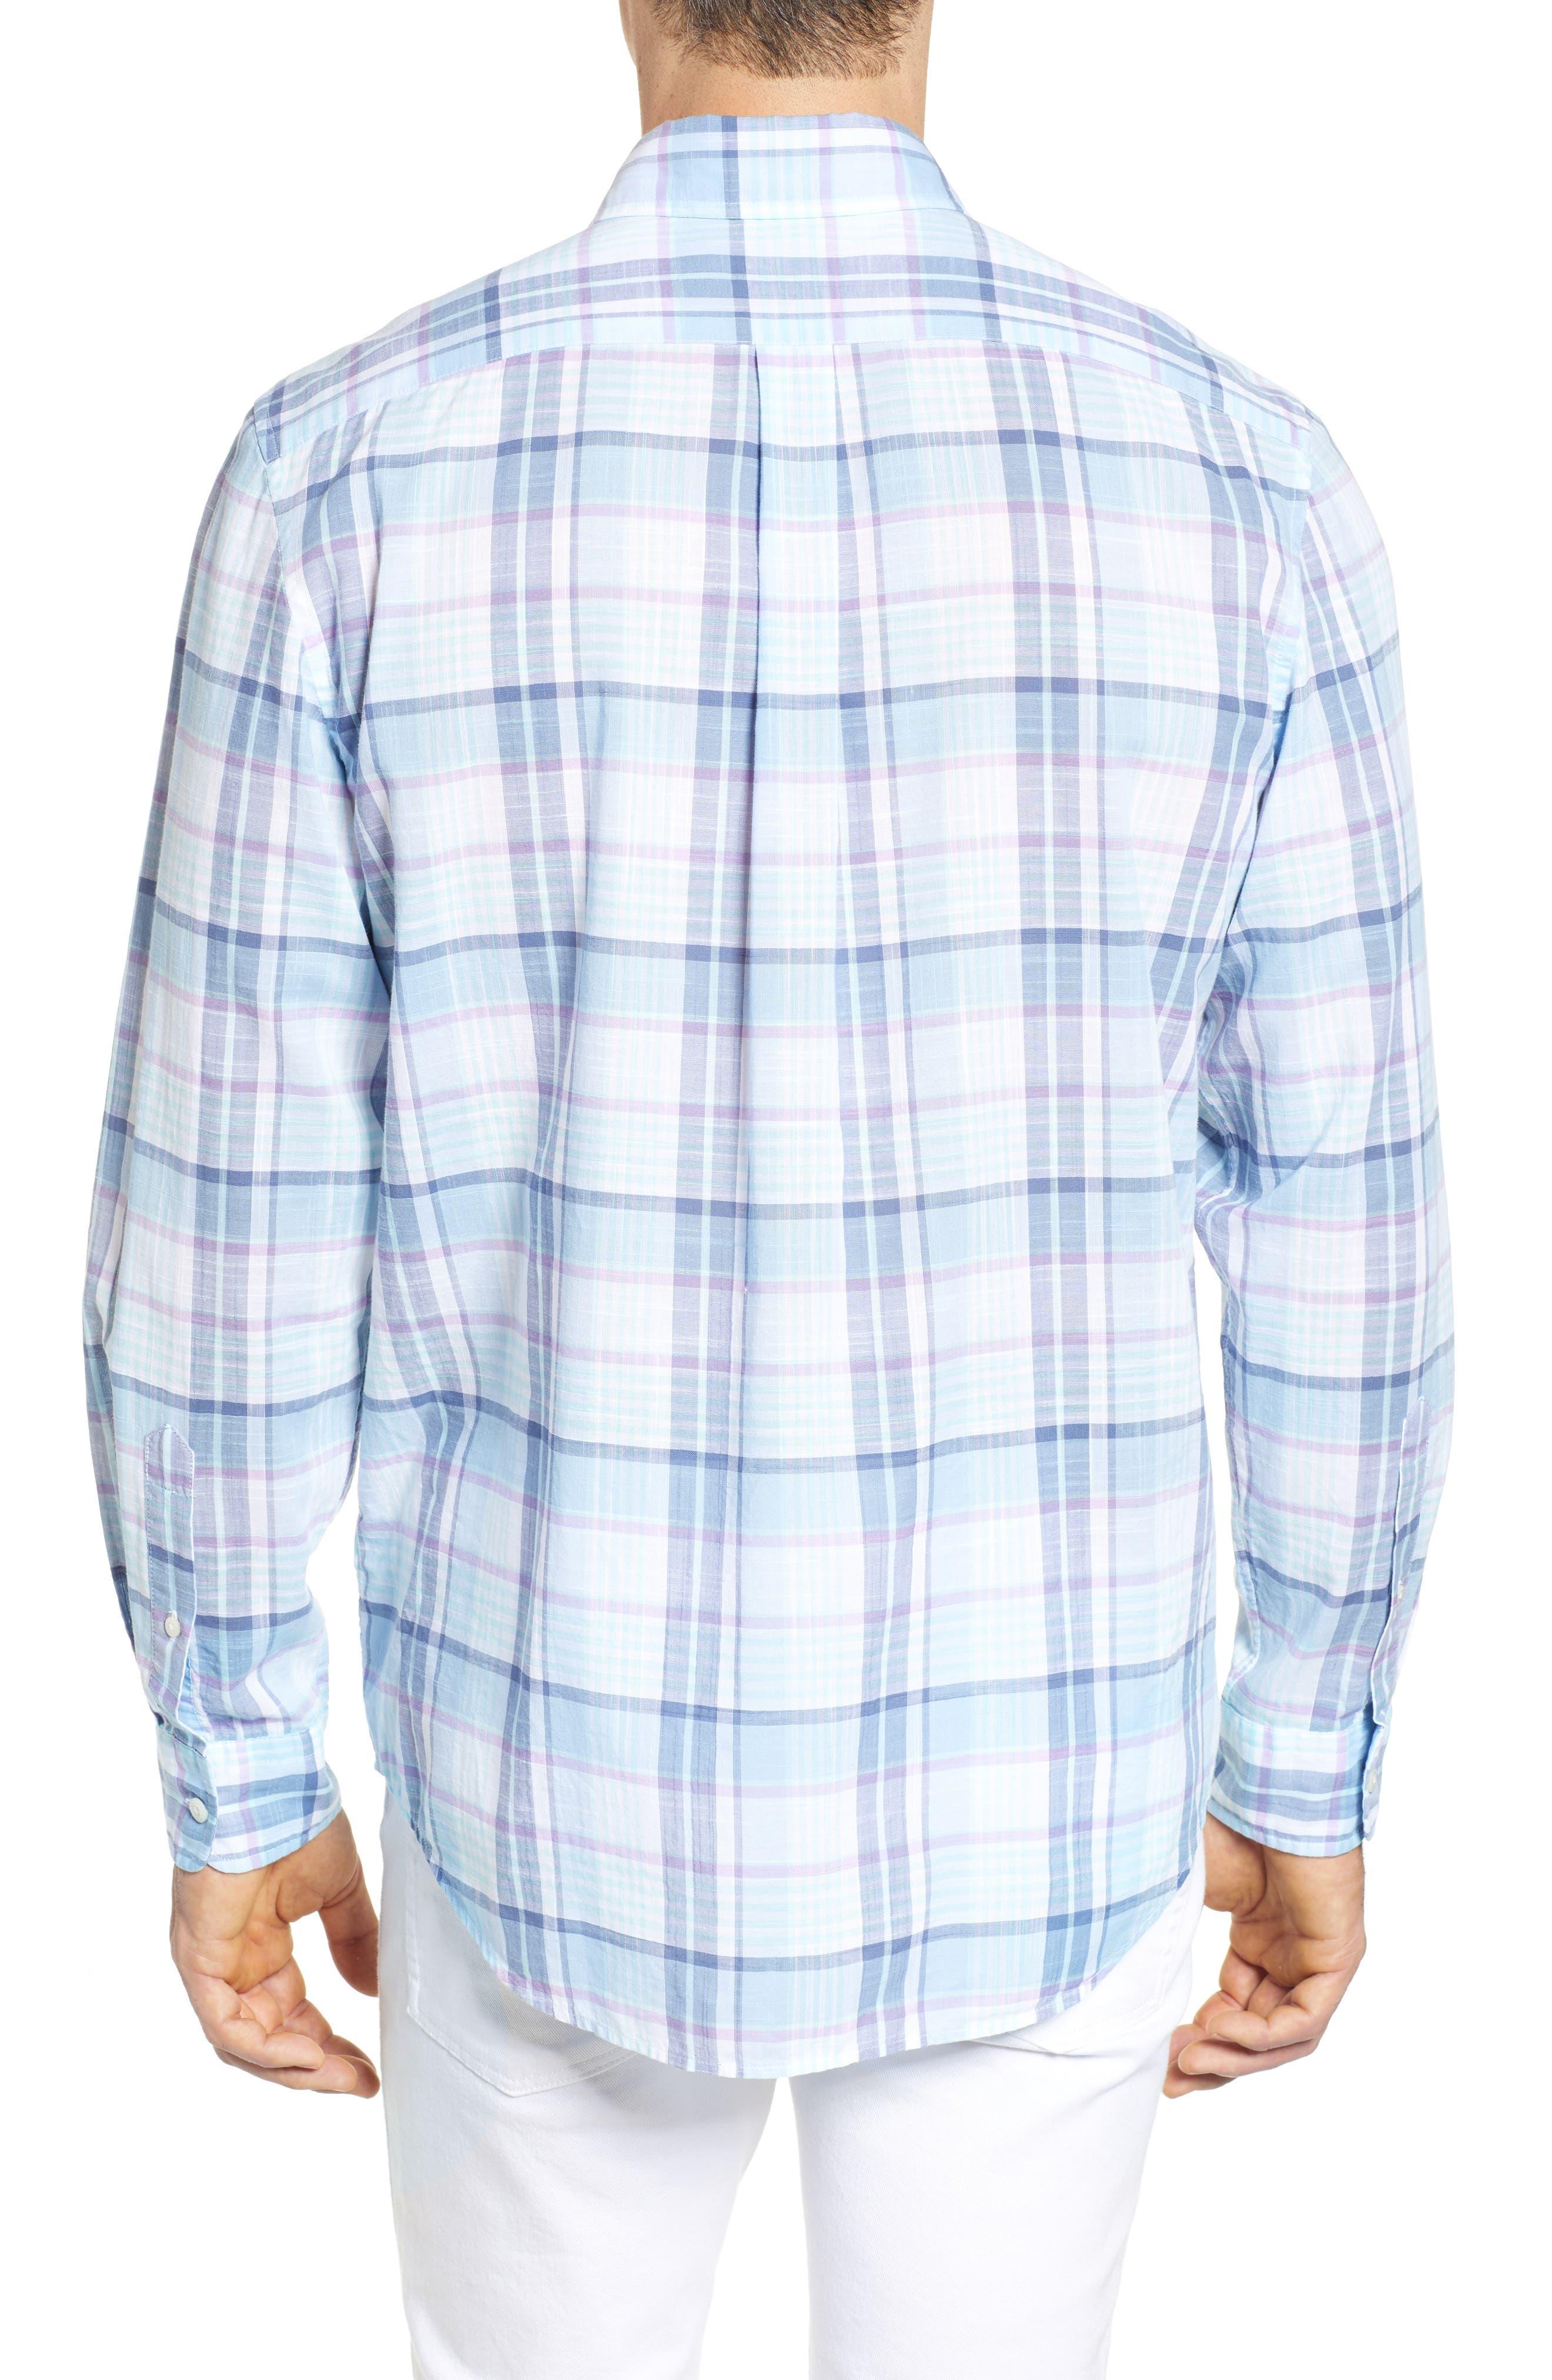 Pleasant Bay Classic Fit Plaid Sport Shirt,                             Alternate thumbnail 2, color,                             456